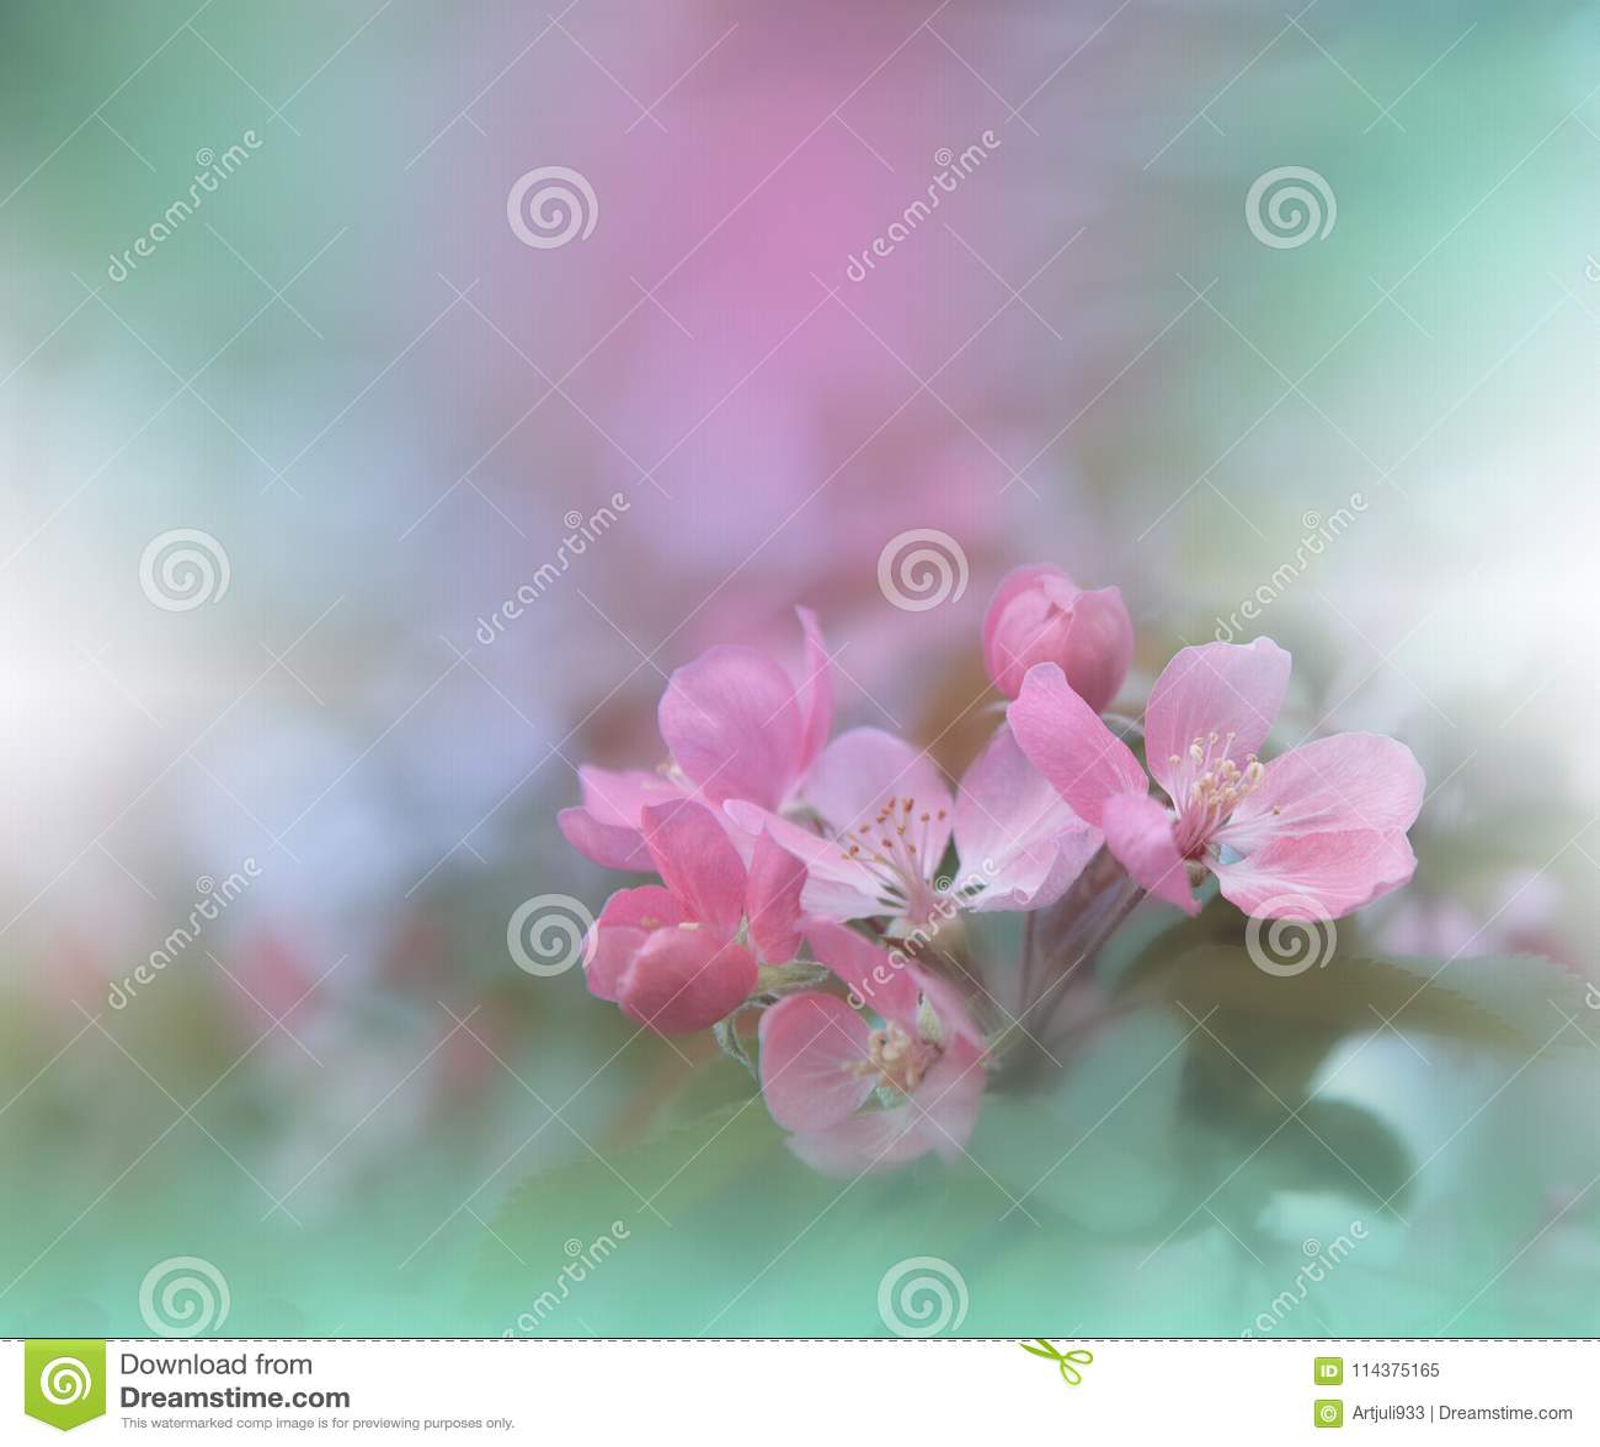 横幅开花标头本质春天万维网 抽象宏观照片 艺术性的背景 幻想设计 五颜六色的墙纸